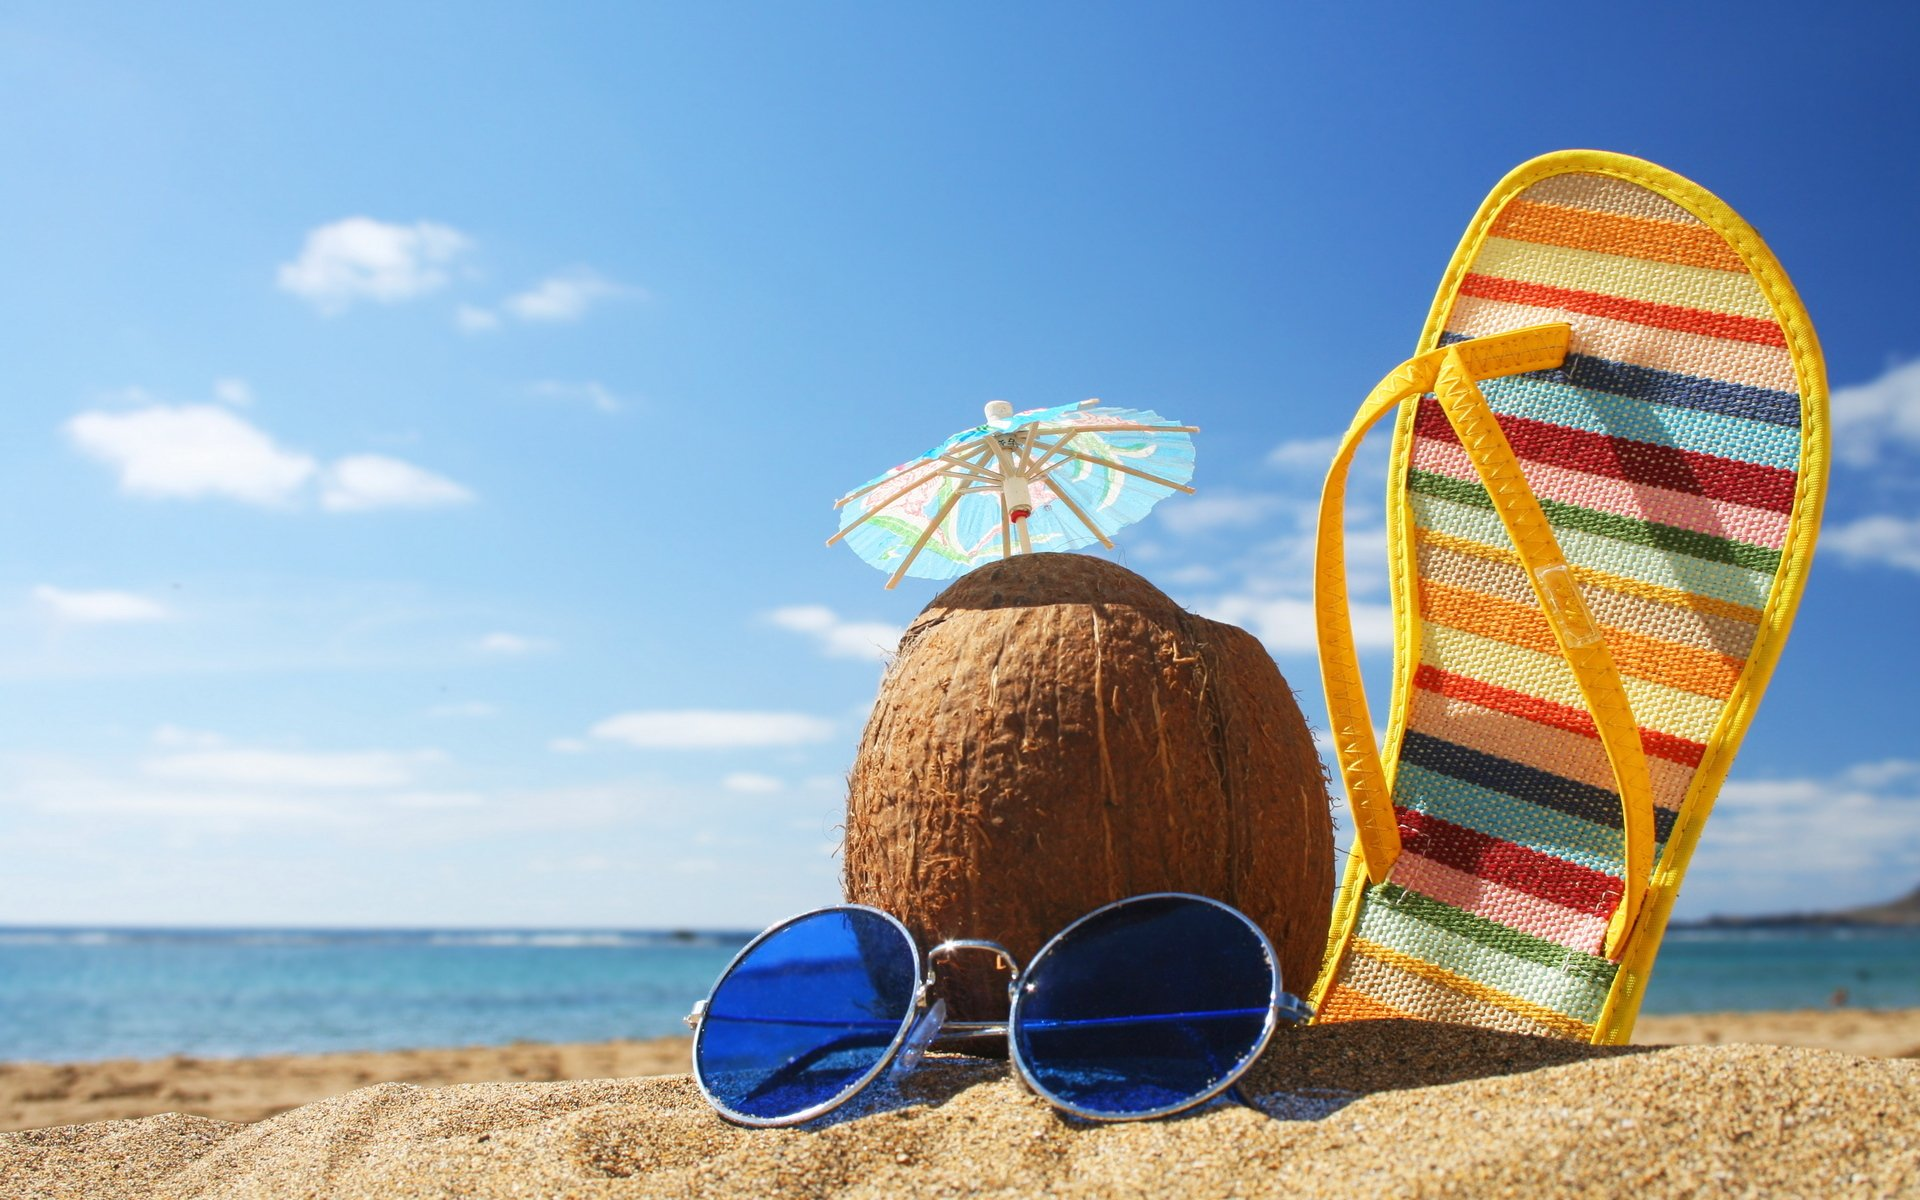 Пляж с желтыми зонтами скачать